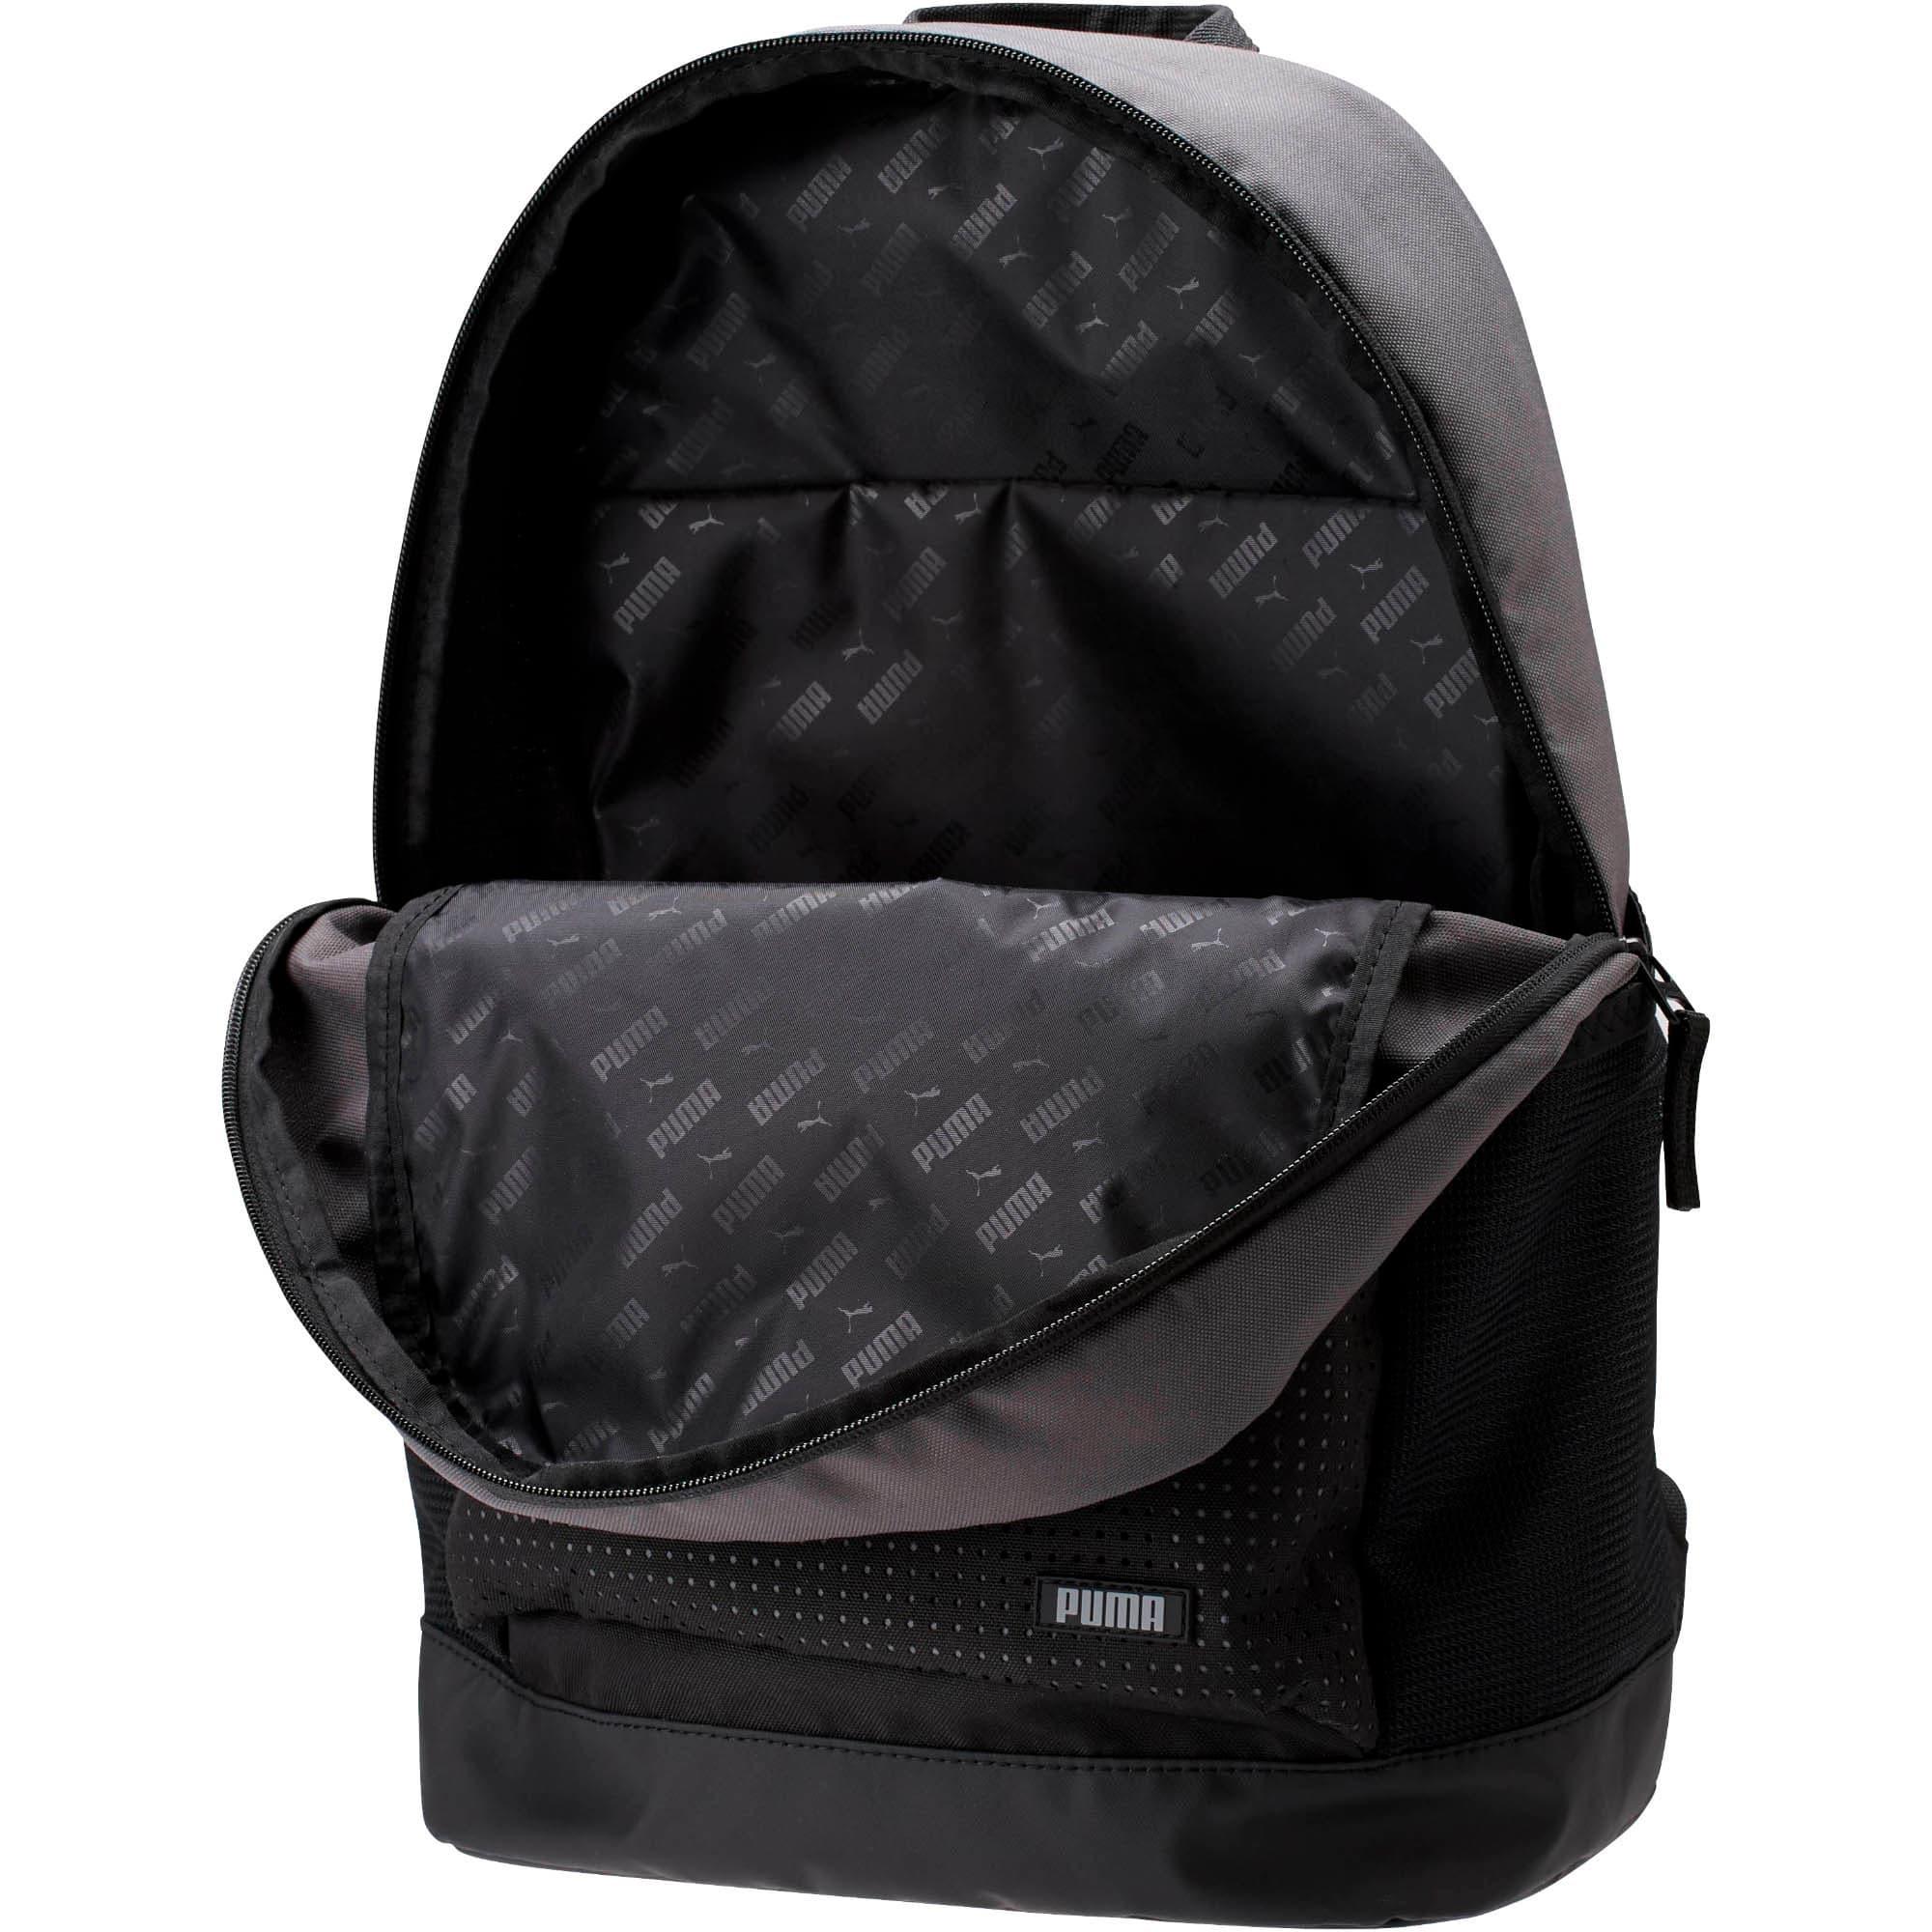 Thumbnail 2 of PUMA Generator 2.0 Backpack, Dark Grey, medium